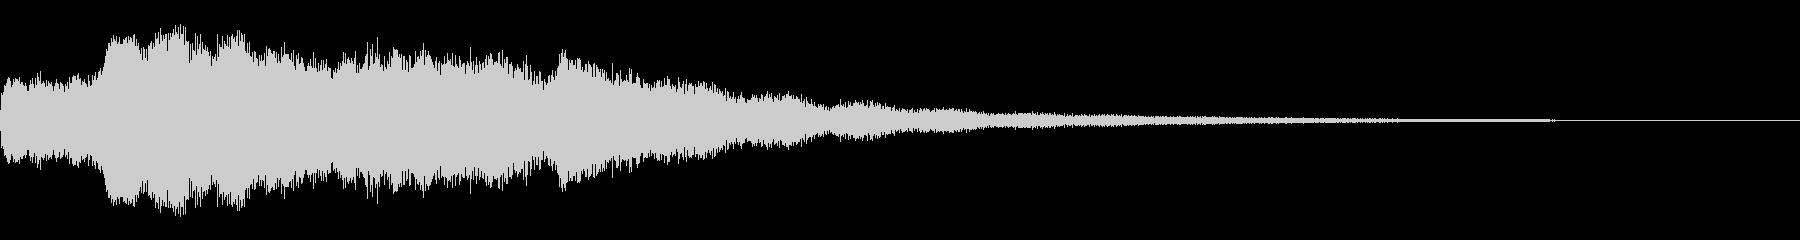 ホラーベル1の未再生の波形